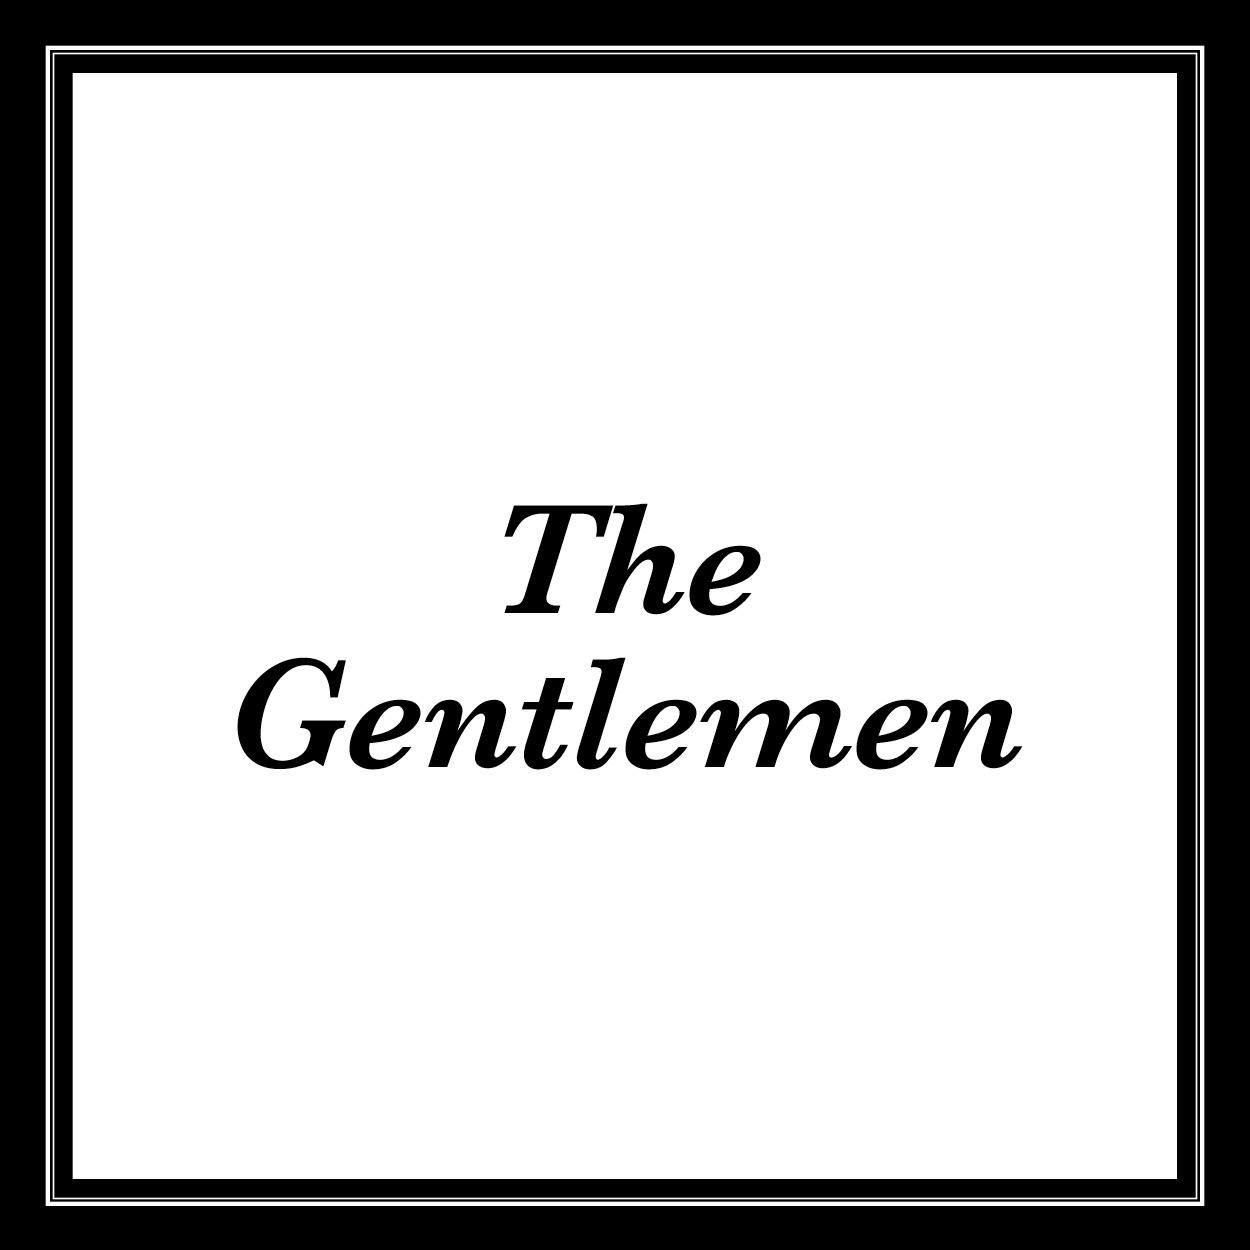 Thb gentlemen text